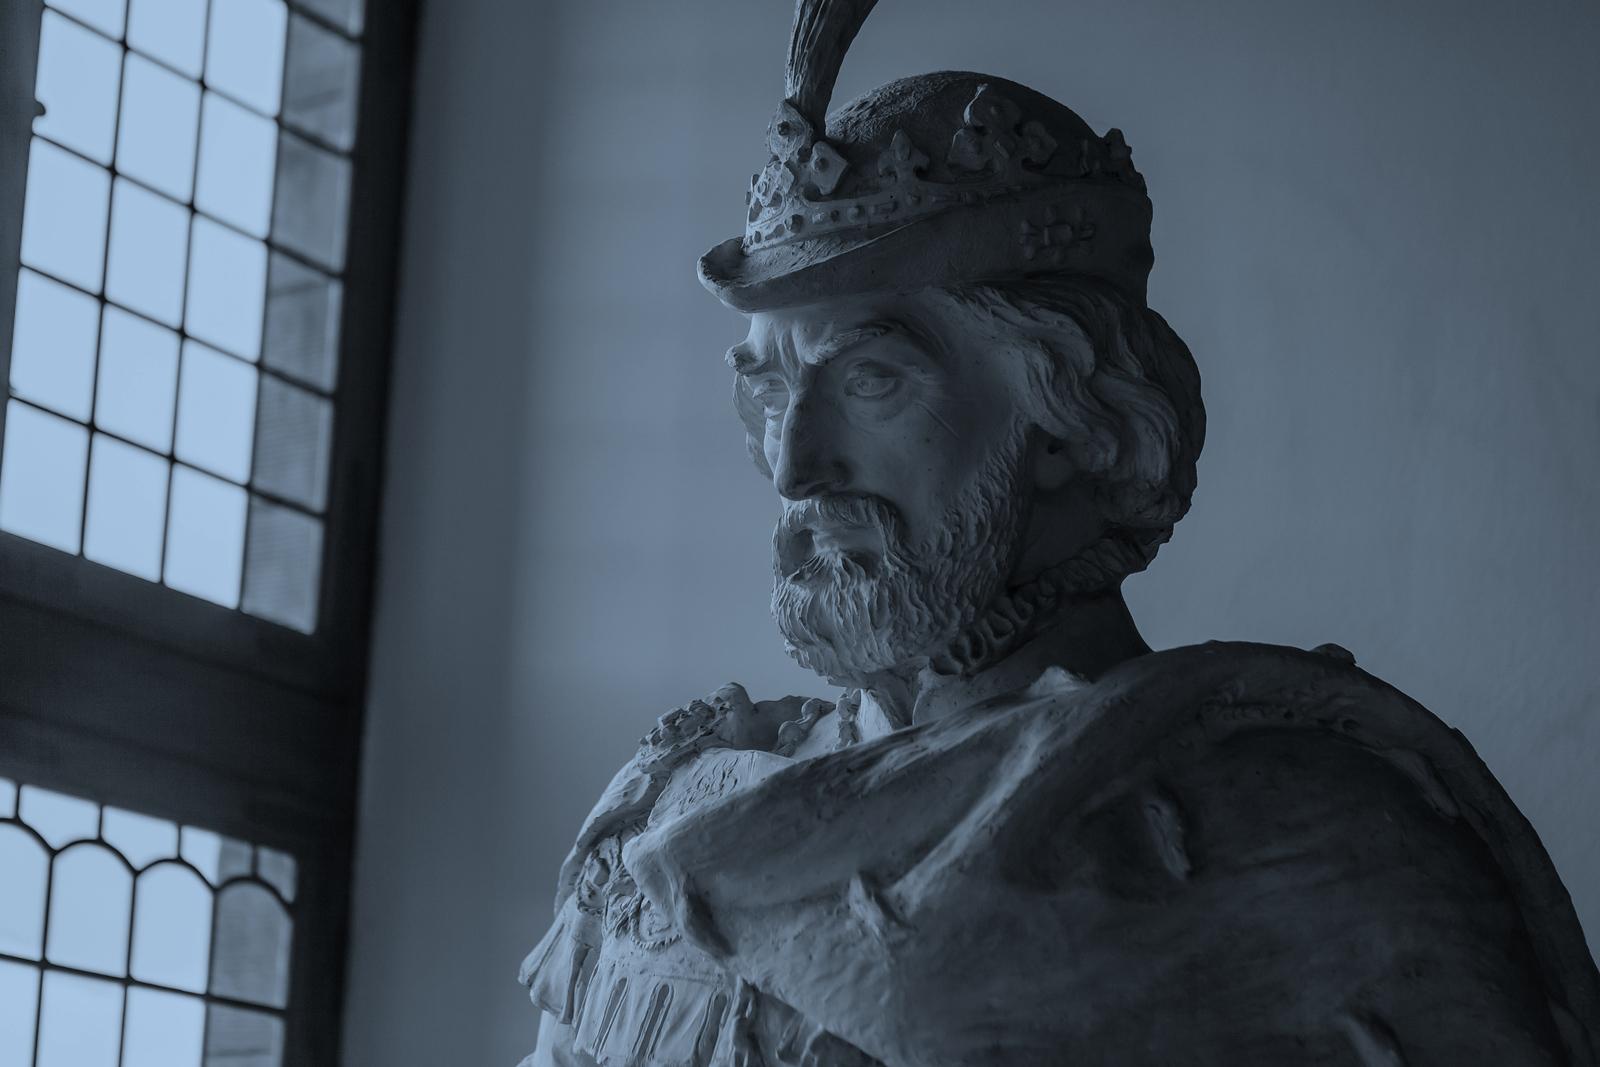 丹麥腓特烈堡城堡,琳琅滿目的室內雕塑